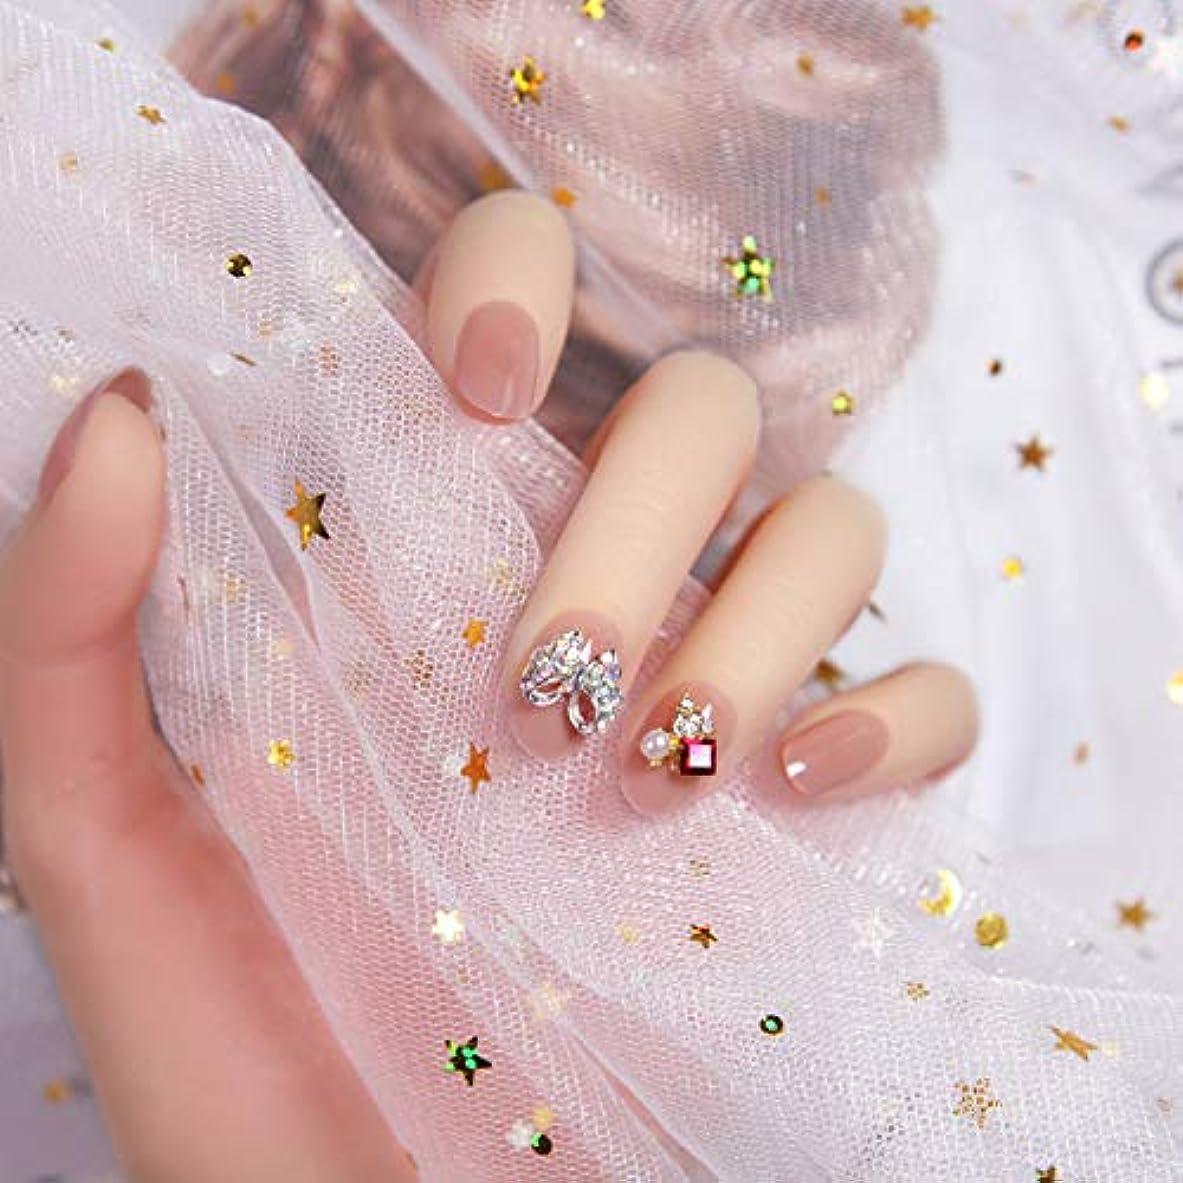 酸っぱいウェブアクセスピンク 3D ネイルチップ 人造ダイヤモンド 24枚入 原宿 和風 夢幻 和装 手作りネイルチップ 結婚式ネイルチップ